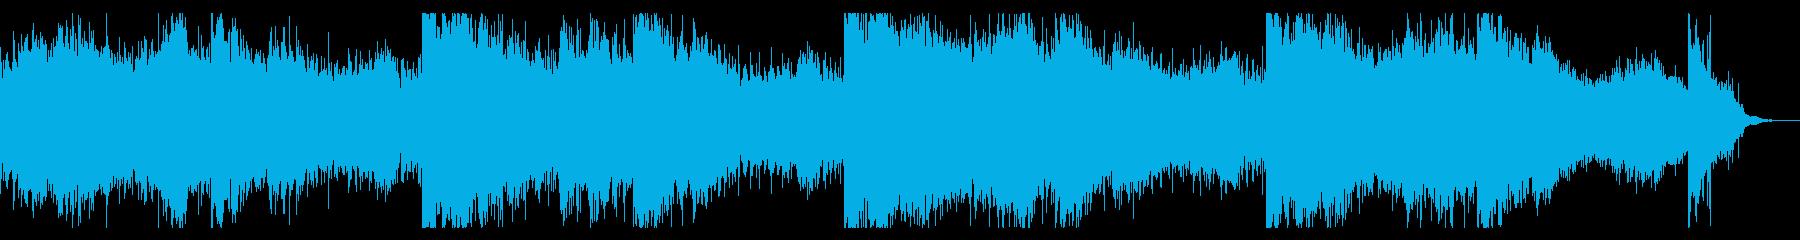 デジタルなアンビエントトレーラーの再生済みの波形